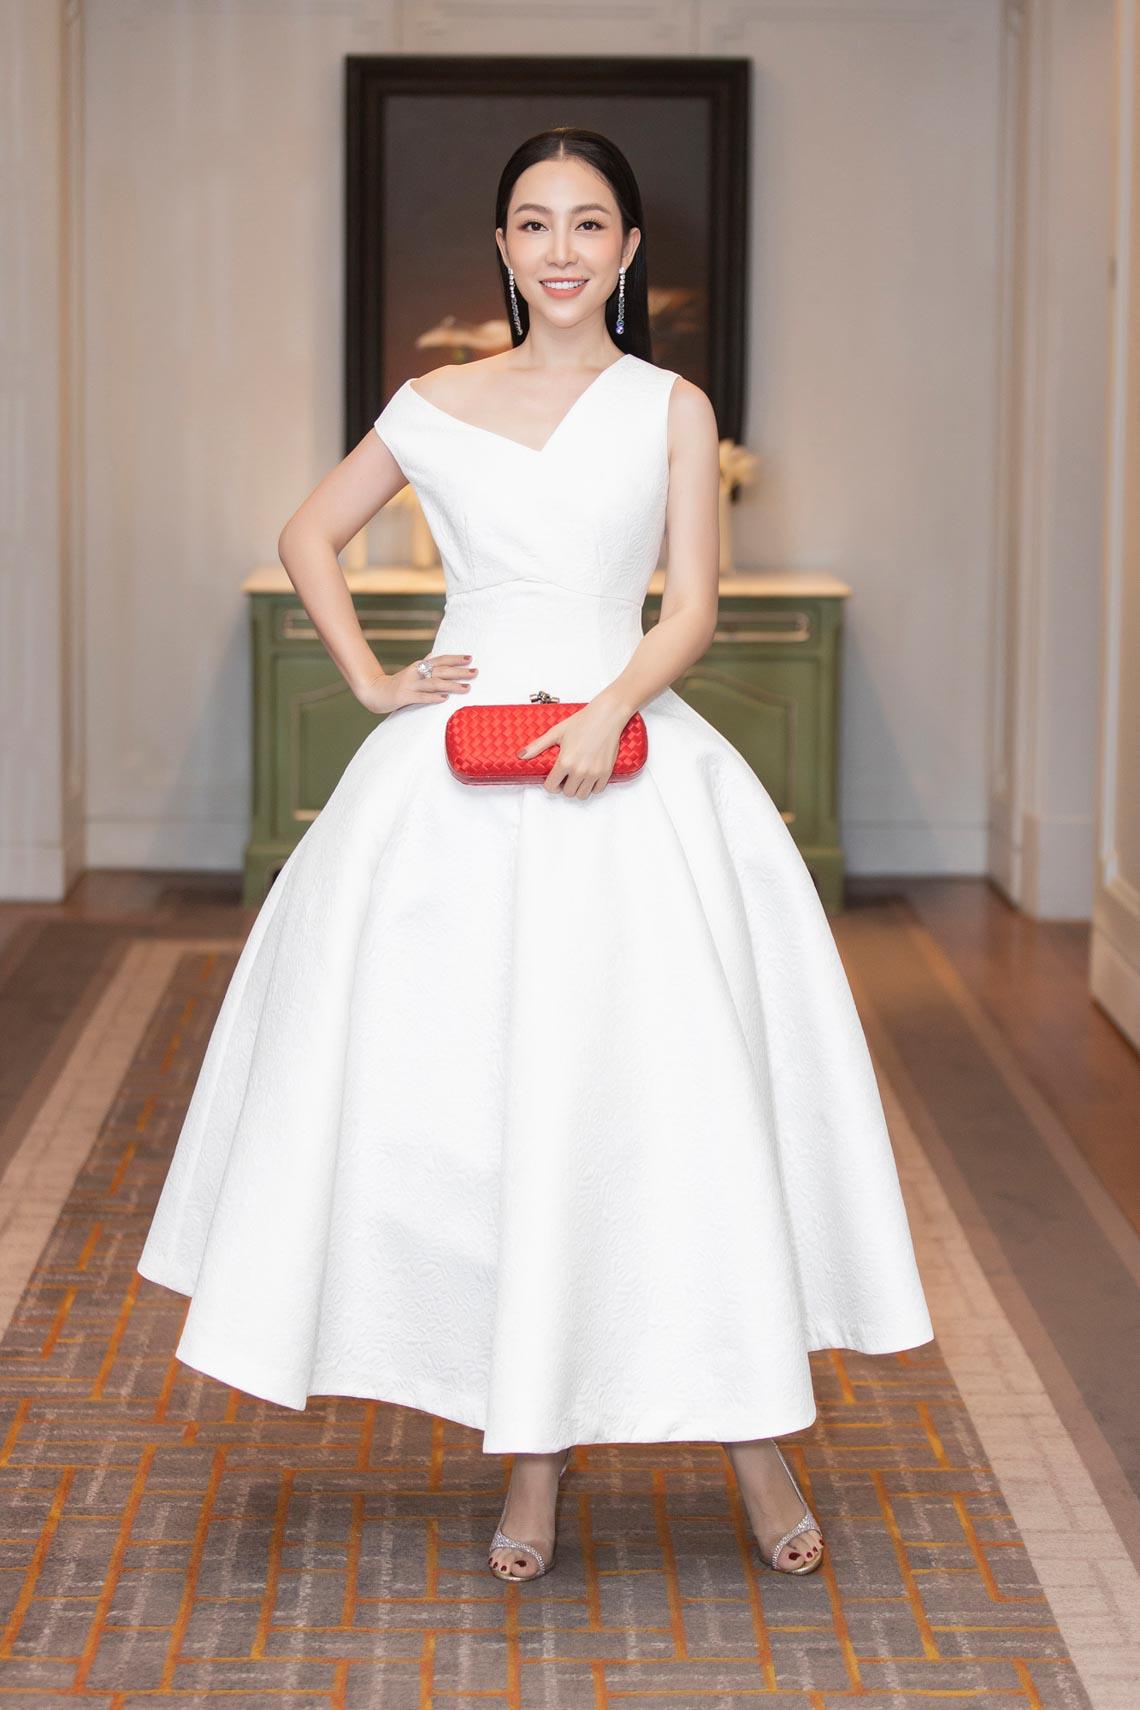 Dàn mỹ nhân diện trang phục trắng tinh khôi của NTK Đỗ Mạnh Cường - 15